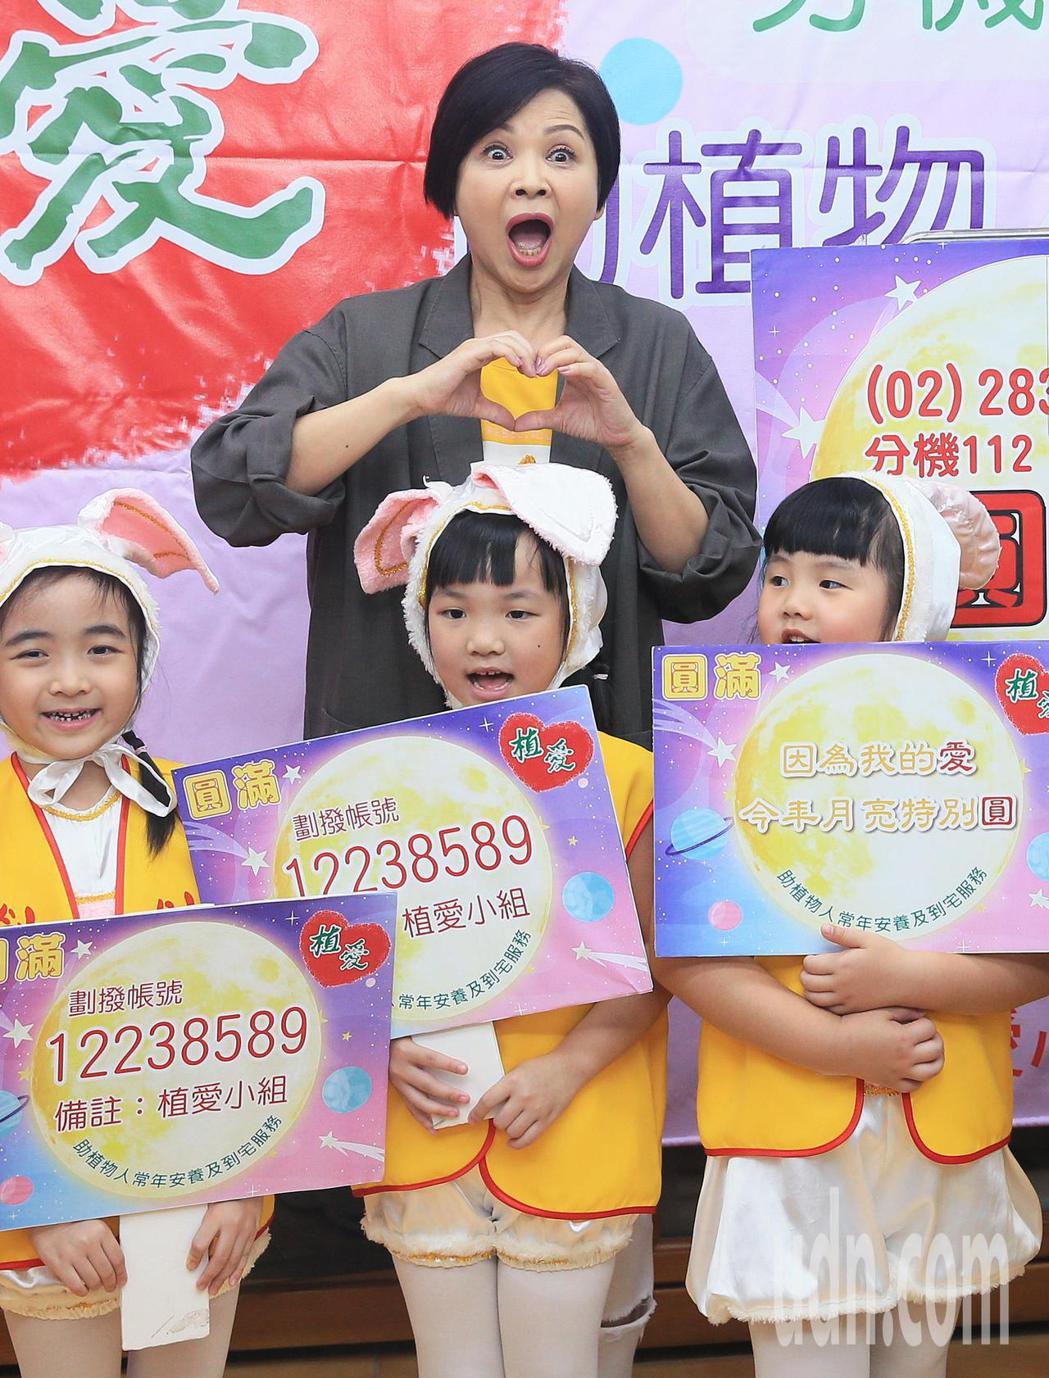 藝人楊貴媚(中)今天開心和小朋友互動、學習包月餅,希望能在中秋佳節前為植物人多募...